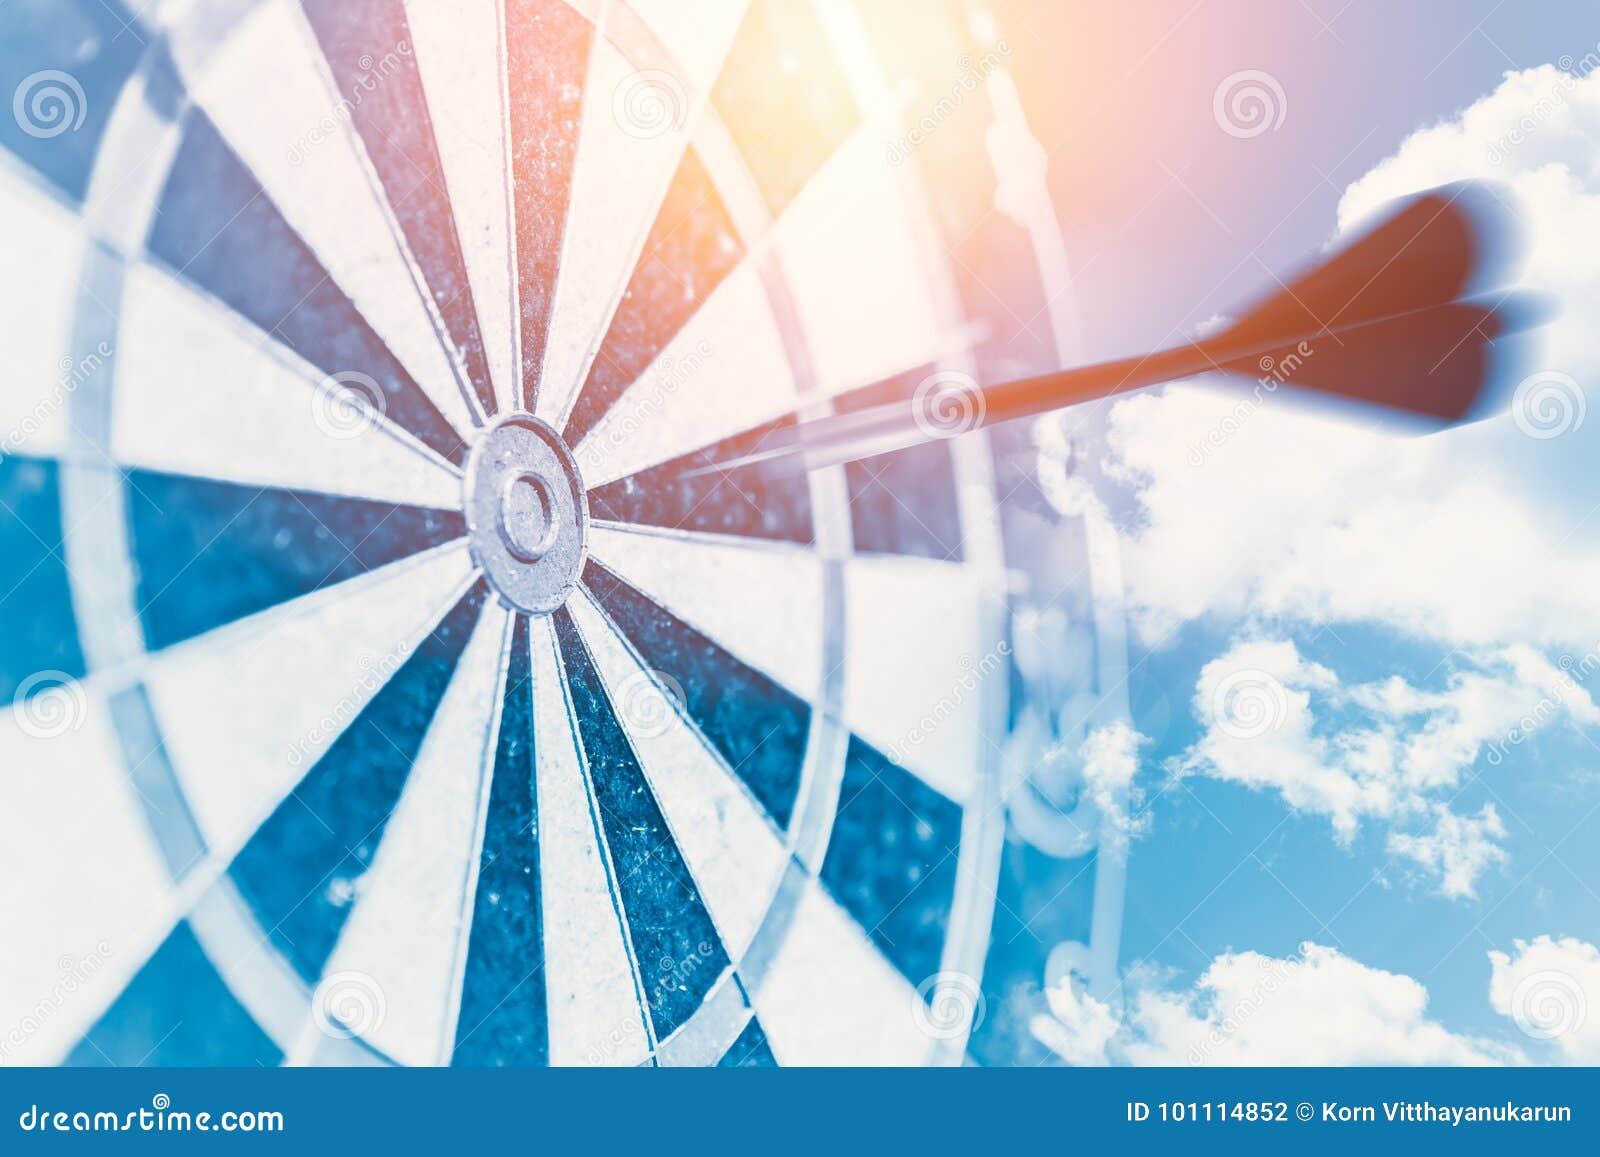 快速的企业目标冲击概念代表迷离移动的破折号集中命中问题的掷镖的圆靶